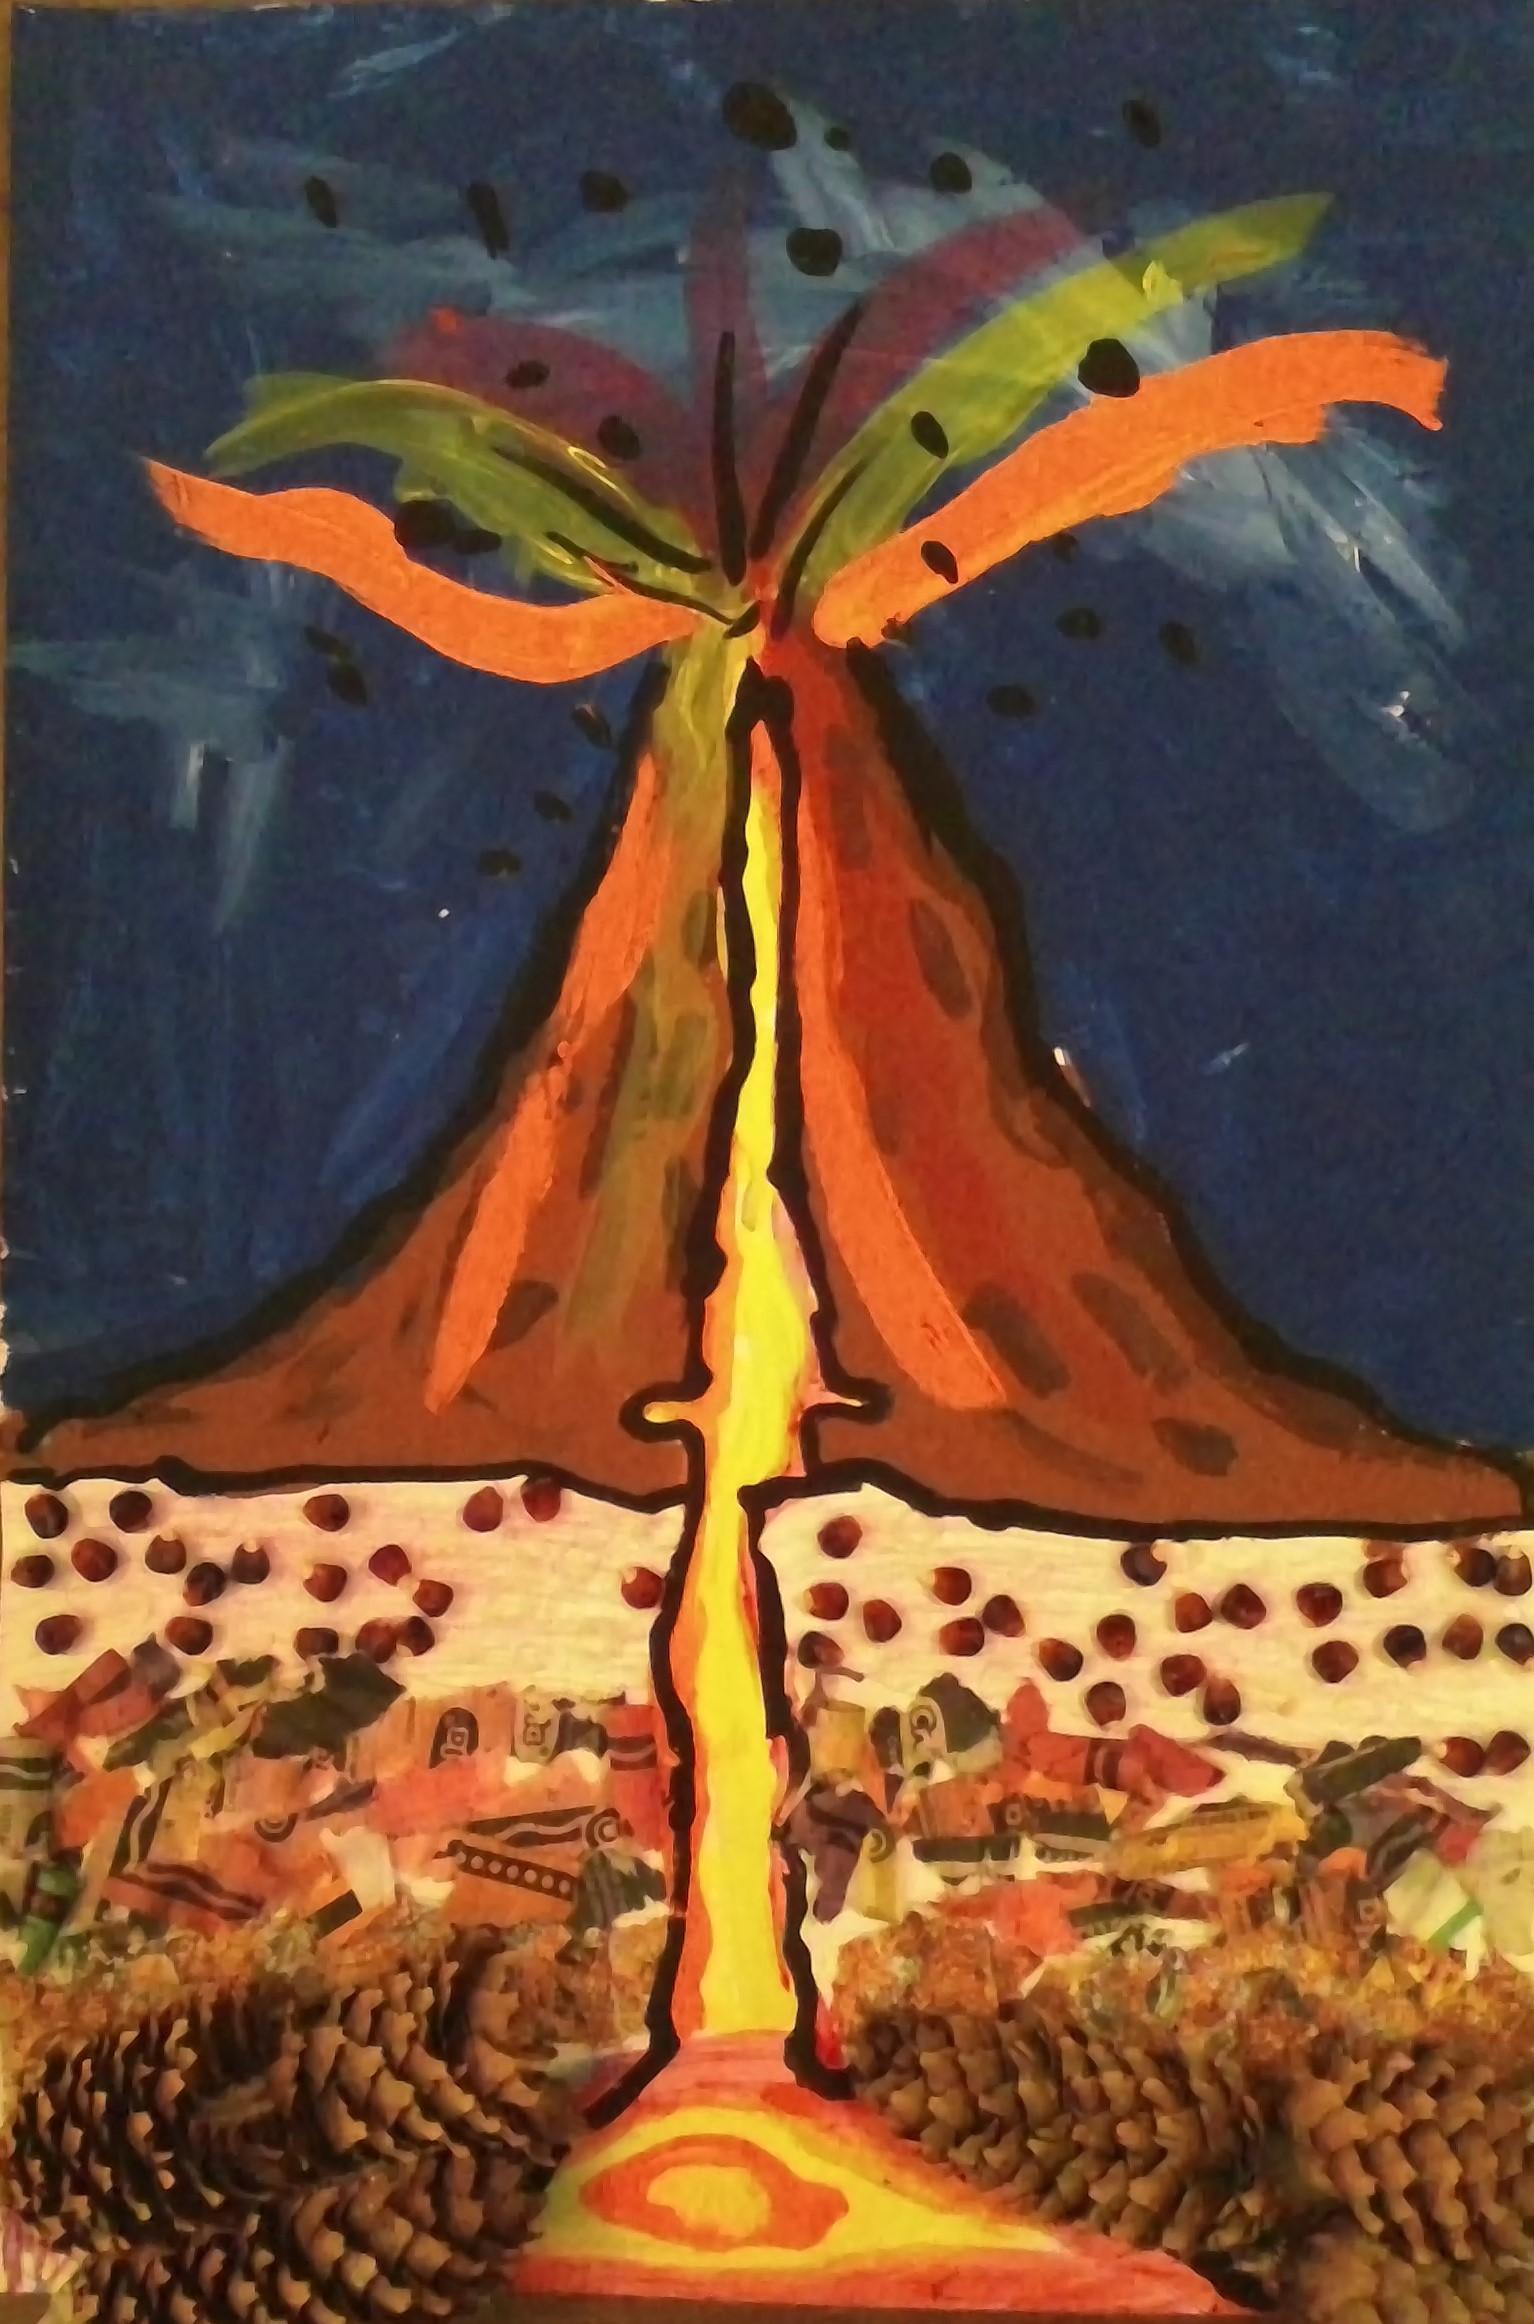 Studnet Artwork - Volcano